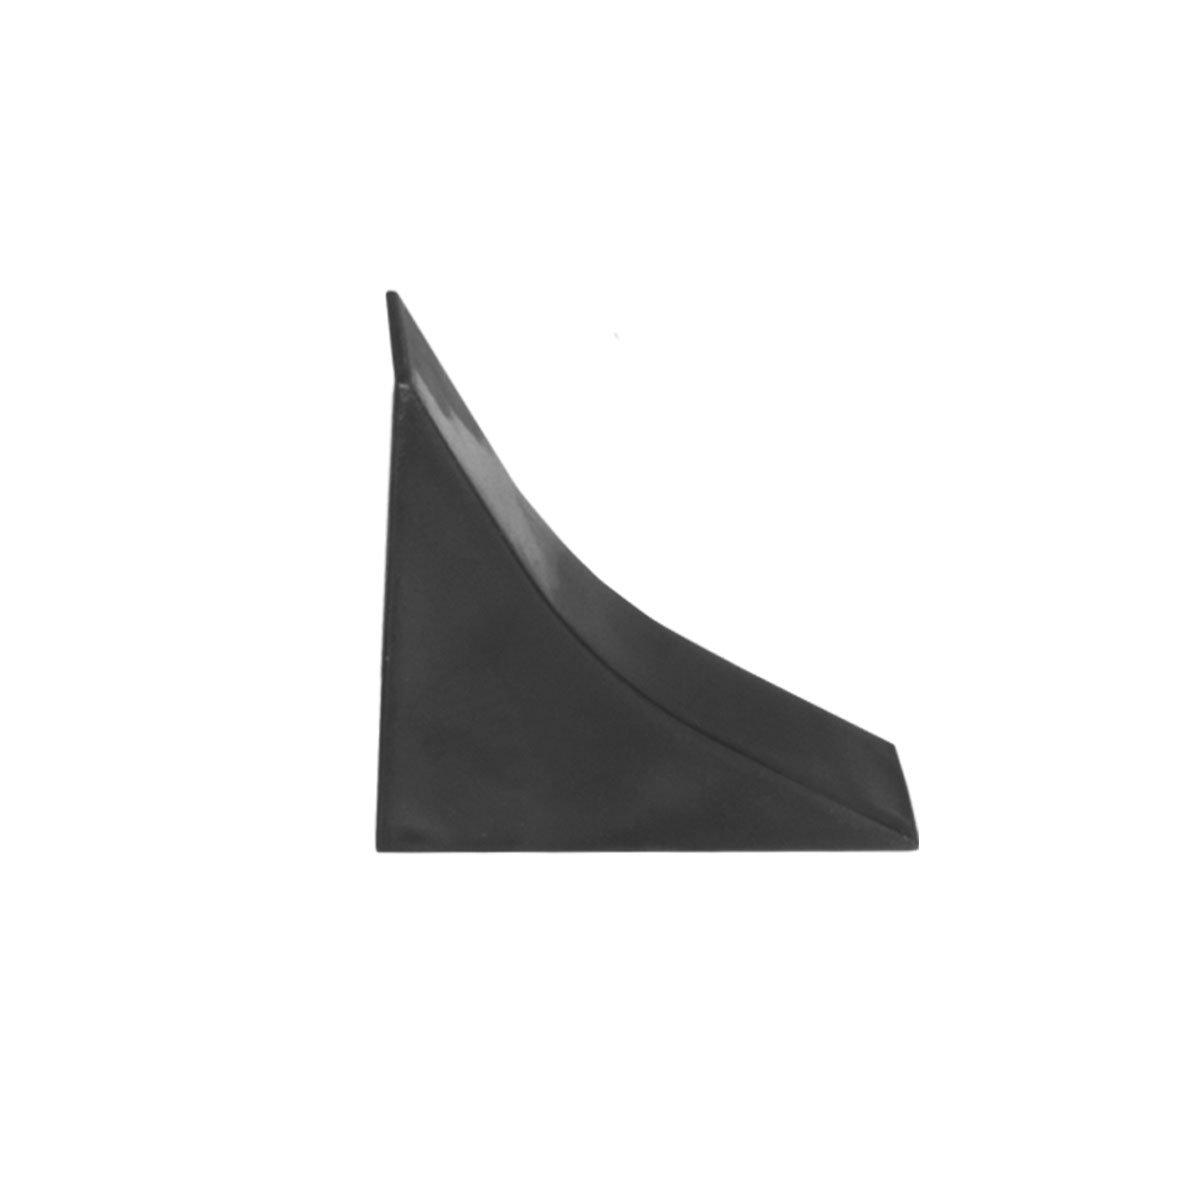 HOLZBRINK Acabado de Copete de Encimera Negro Listón de Acabado PVC Copete de Encimeras de Cocina 23x23 mm: Amazon.es: Bricolaje y herramientas